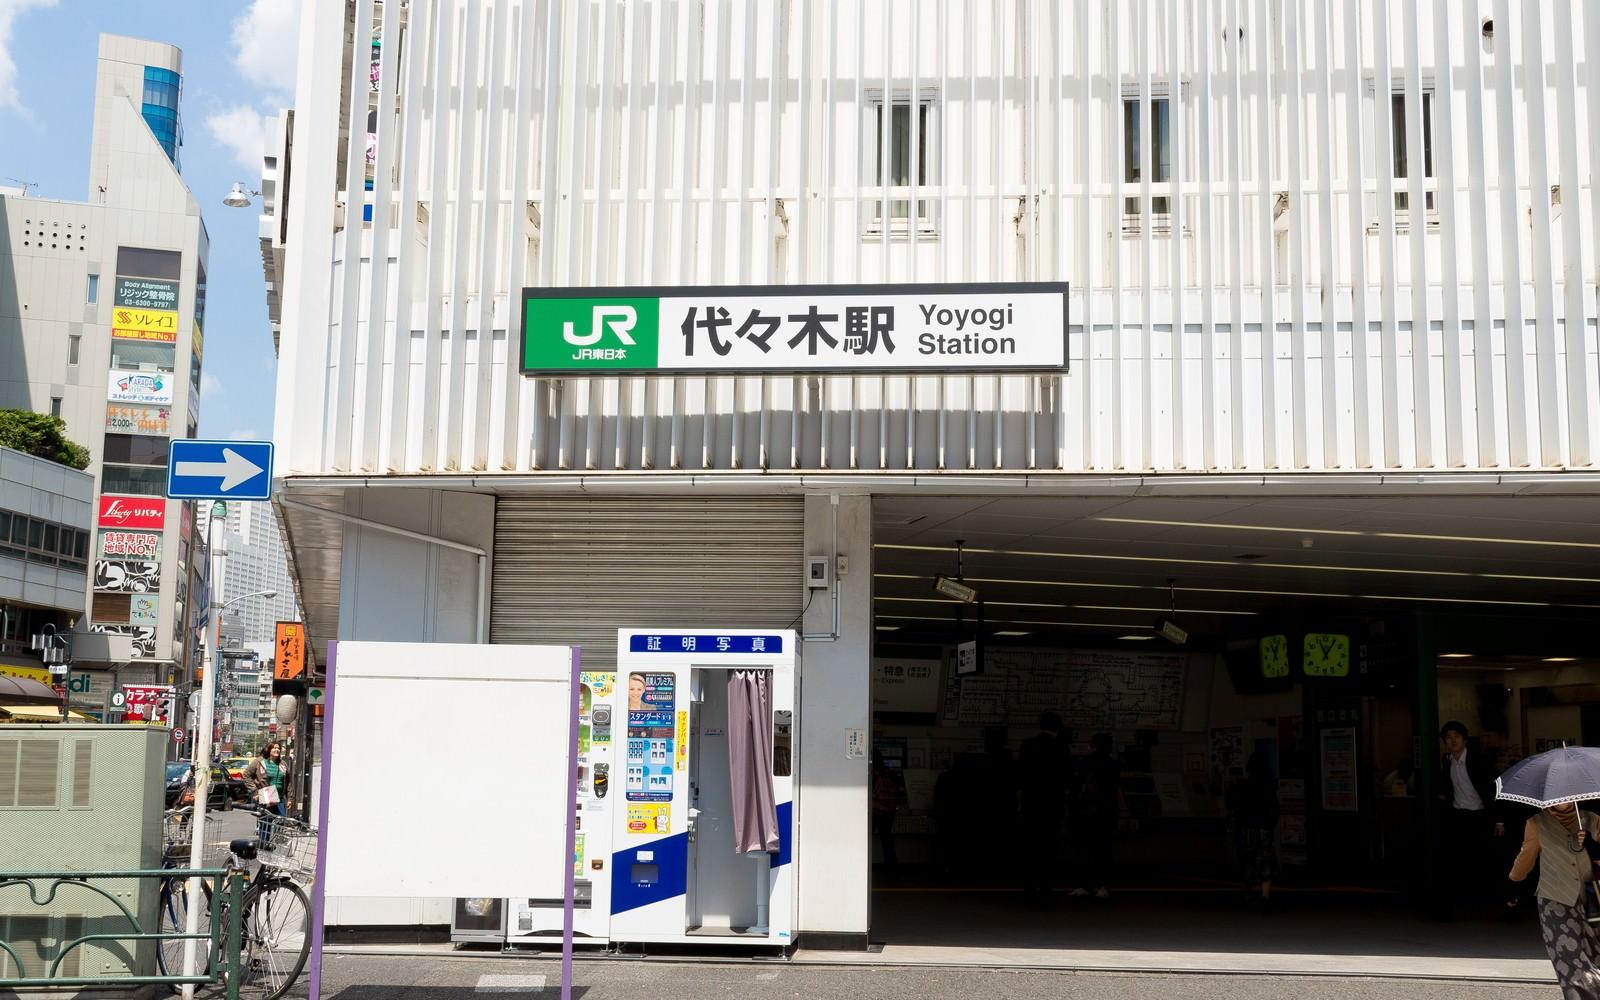 「JR代々木駅前」の写真